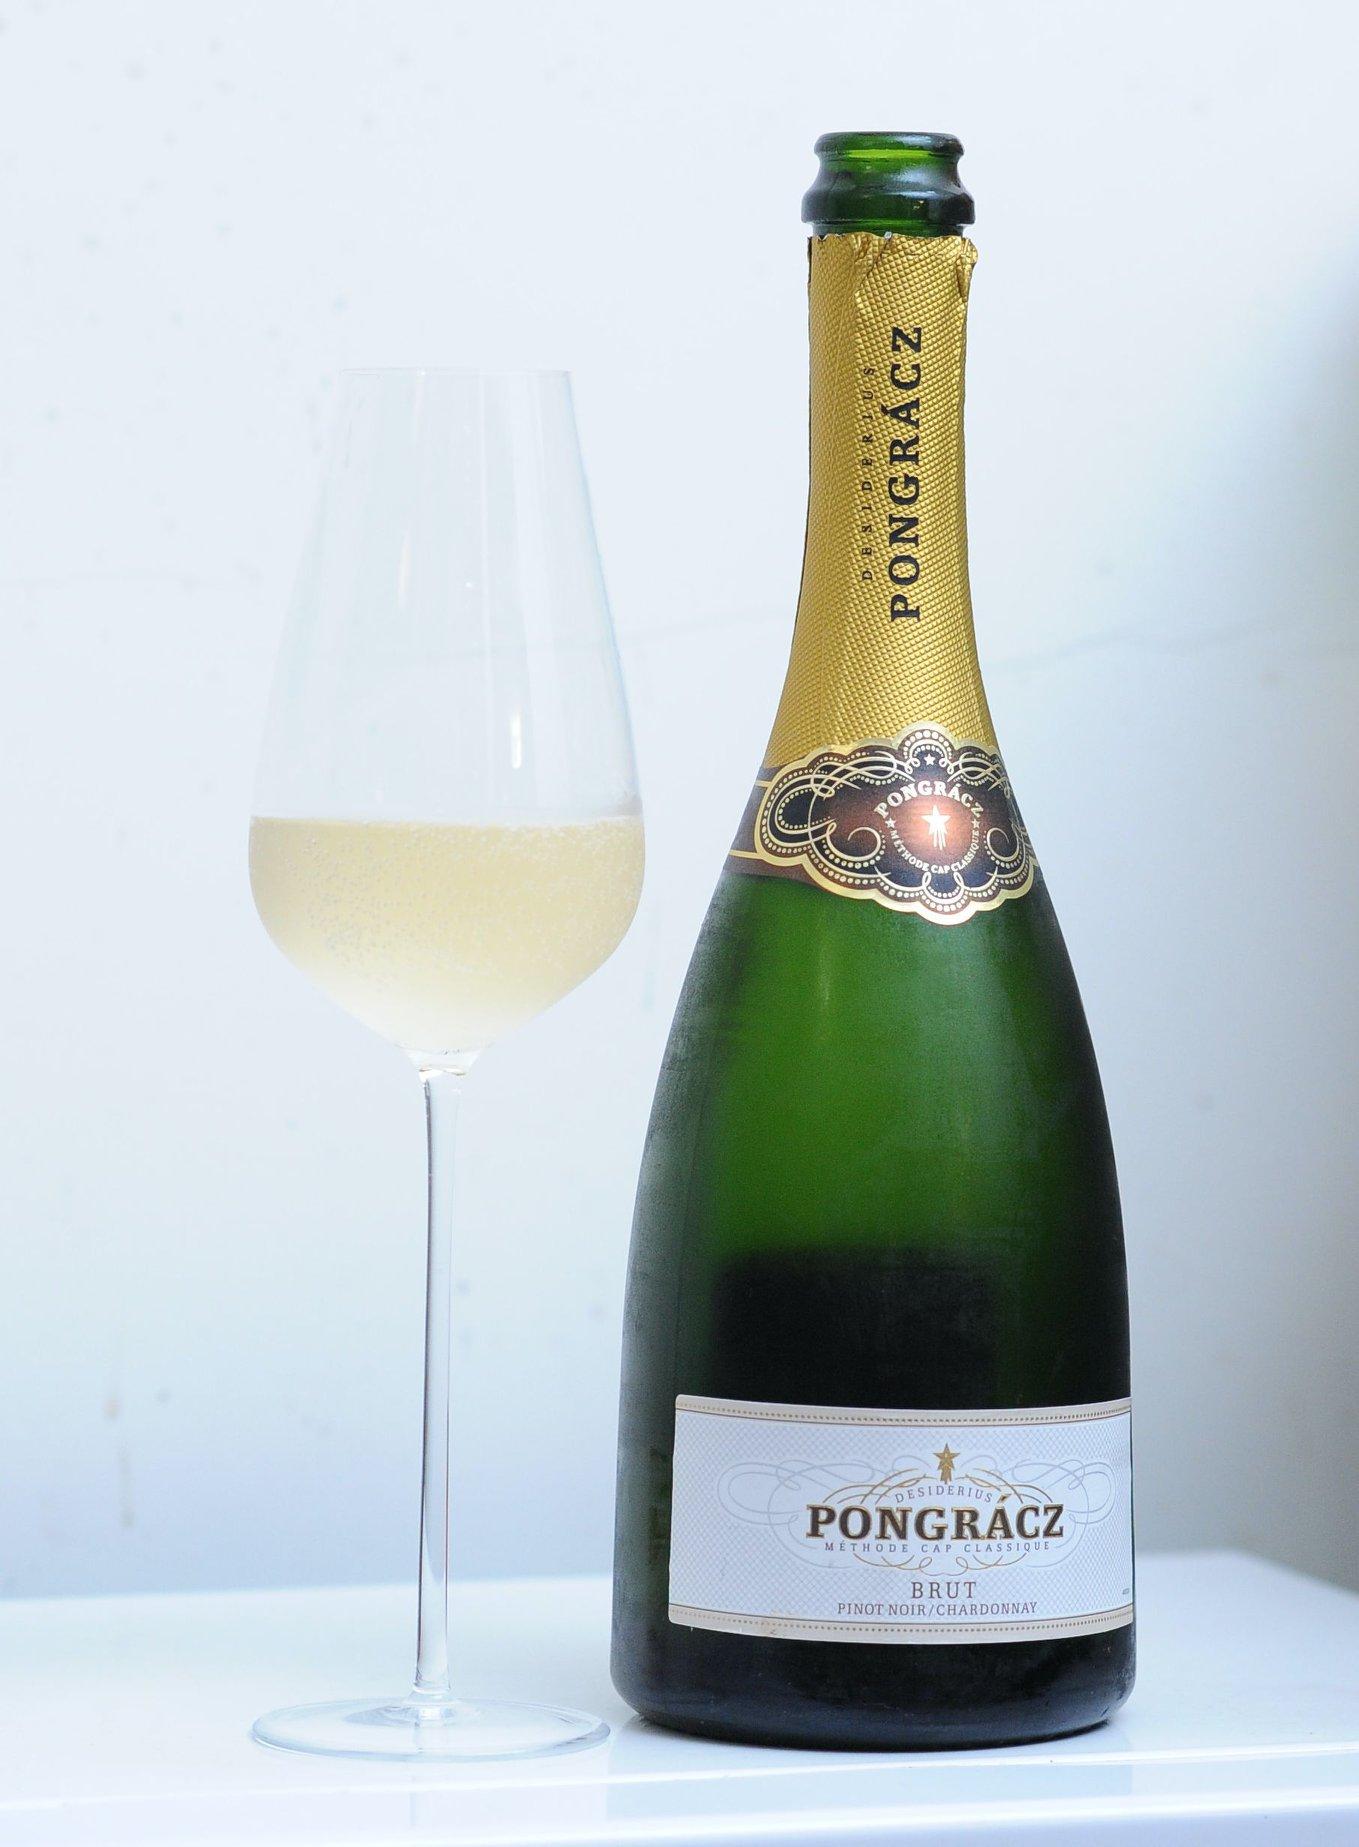 Méthode Cap Classique Pinot Noir - Chardonnay Brut